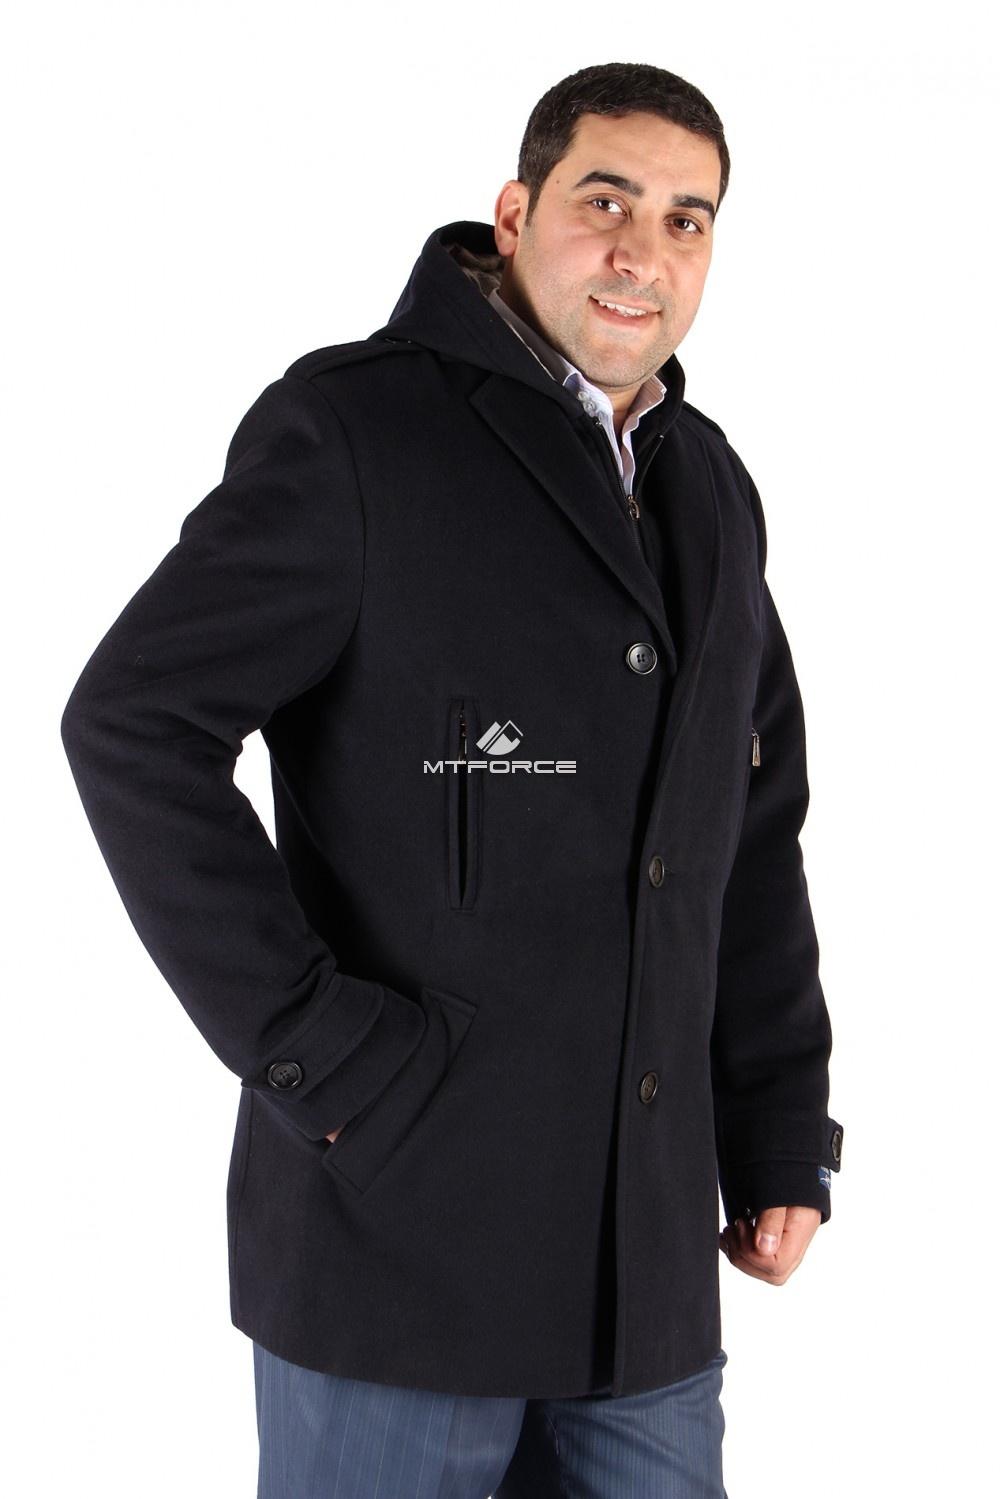 Купить оптом Полупальто мужское темно-синего цвета Км-01ТS в Санкт-Петербурге